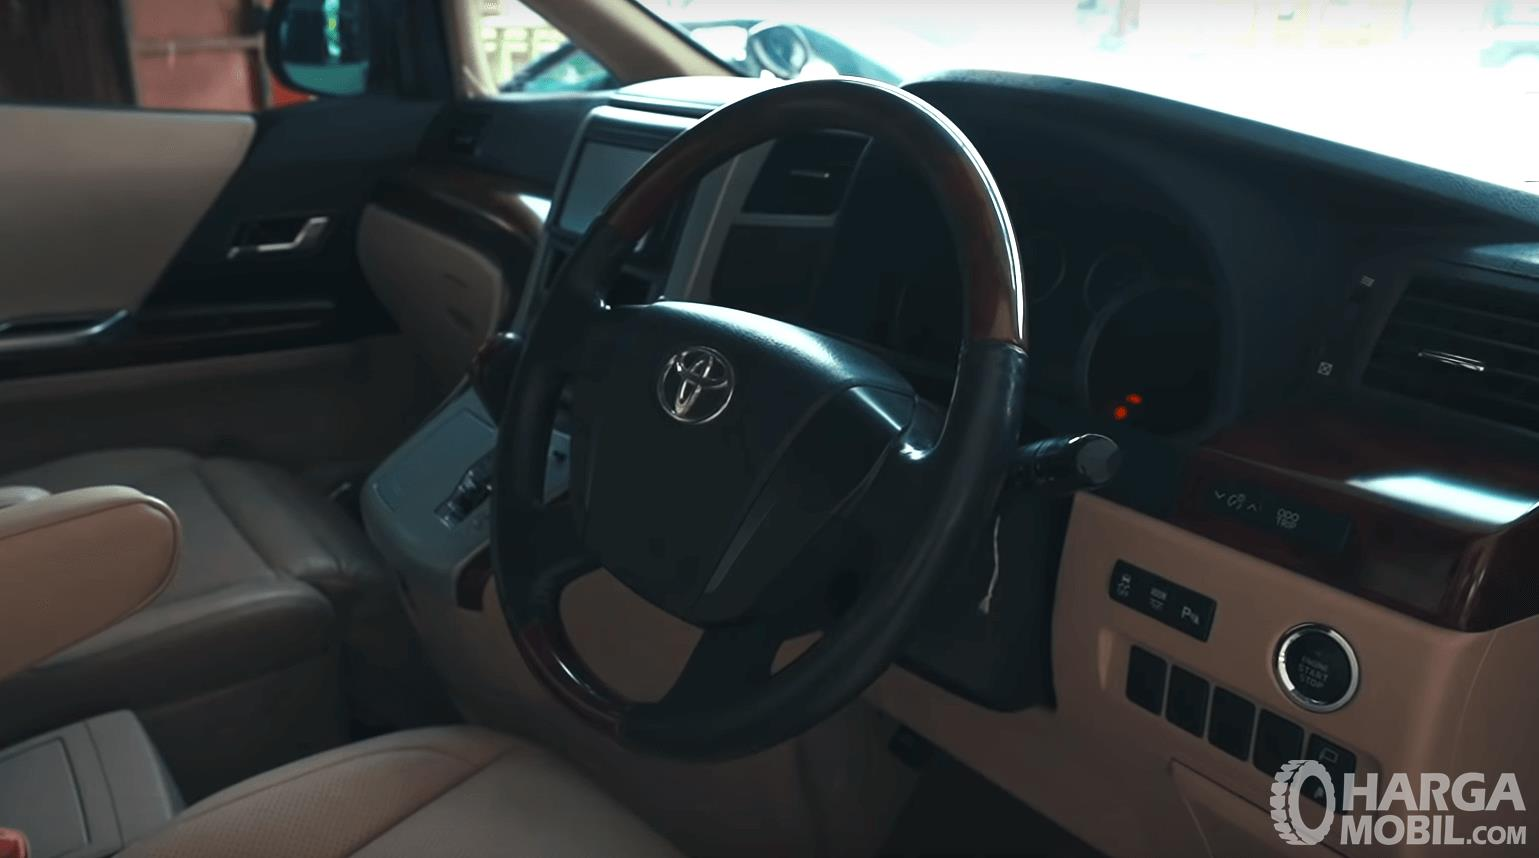 Gambar ini menunjukkan dashboard mobil Toyota Alphard 2.4 G 2009